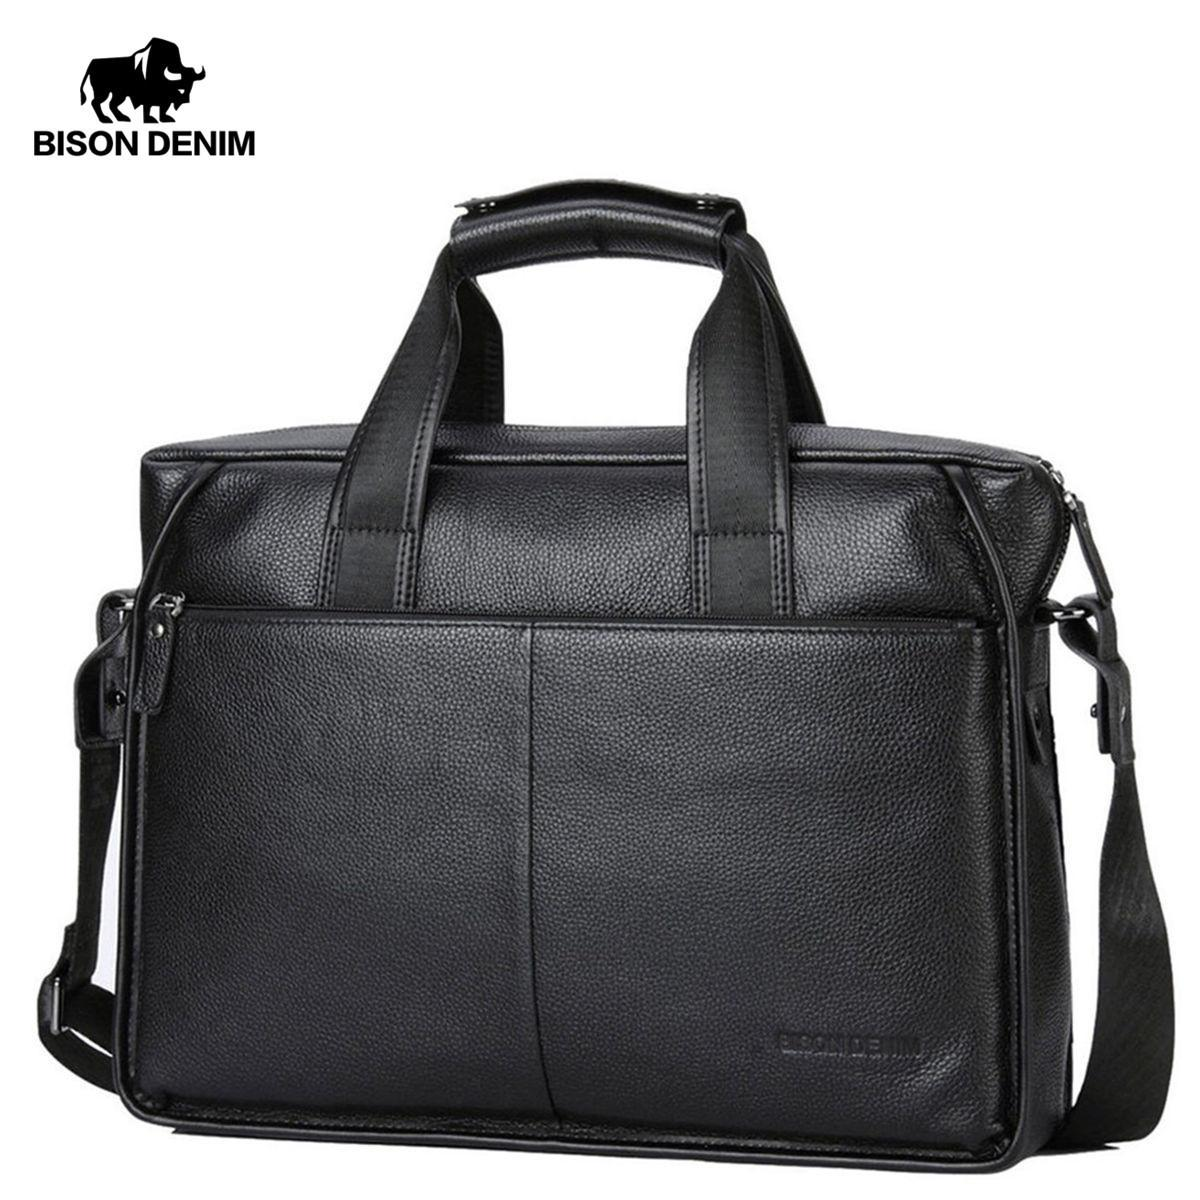 Bison Denim Echtes Leder Garantie Aktentasche Männer Tasche 14 Zoll Laptop Weiche Rindsleder Umhängetasche Handtasche Tasche Business N2237-3 J190721